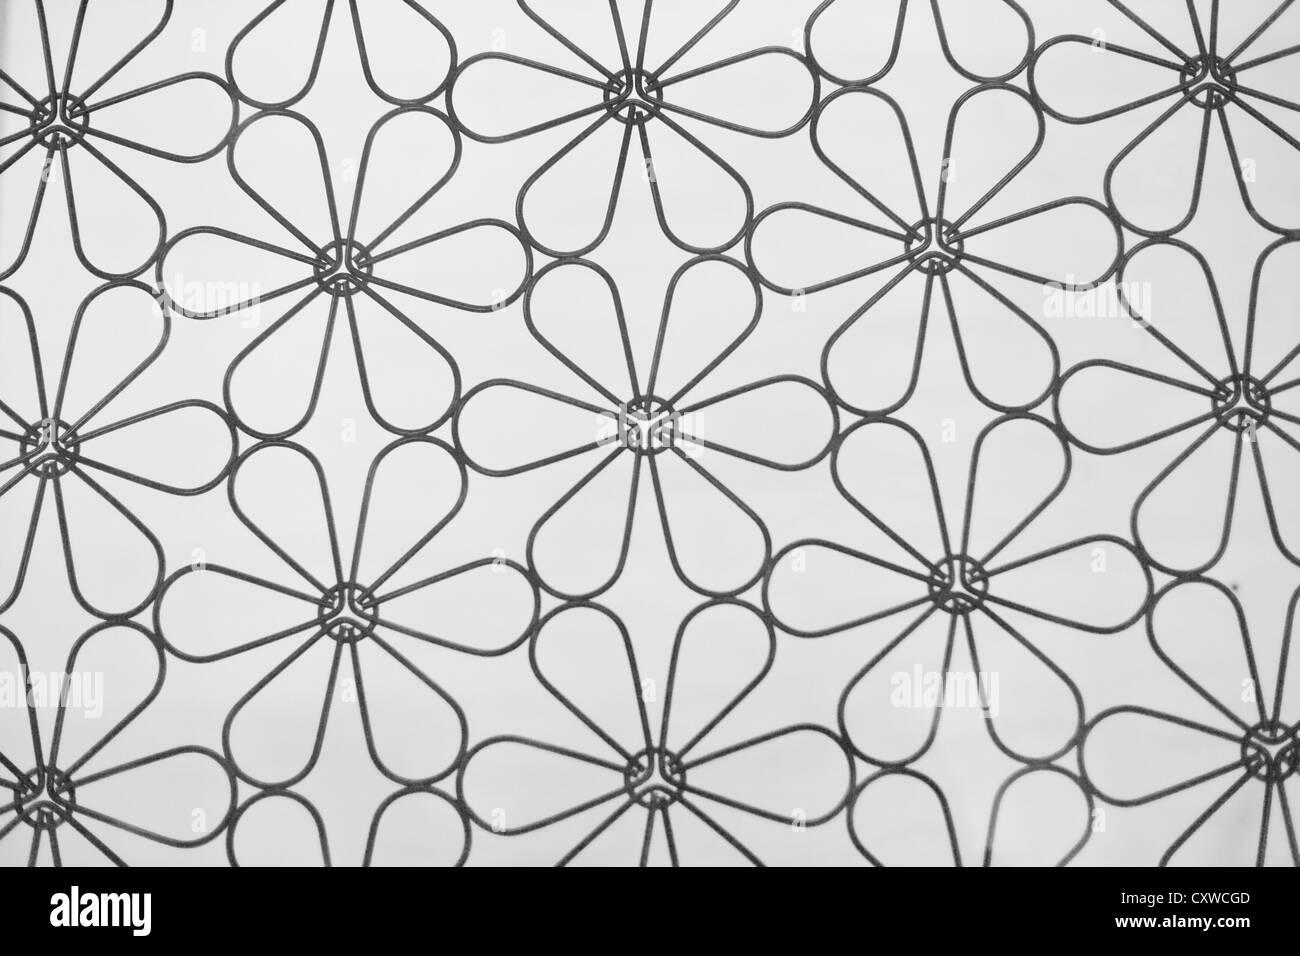 Nett Drahtgeflecht Muster Ideen - Schaltplan Serie Circuit ...